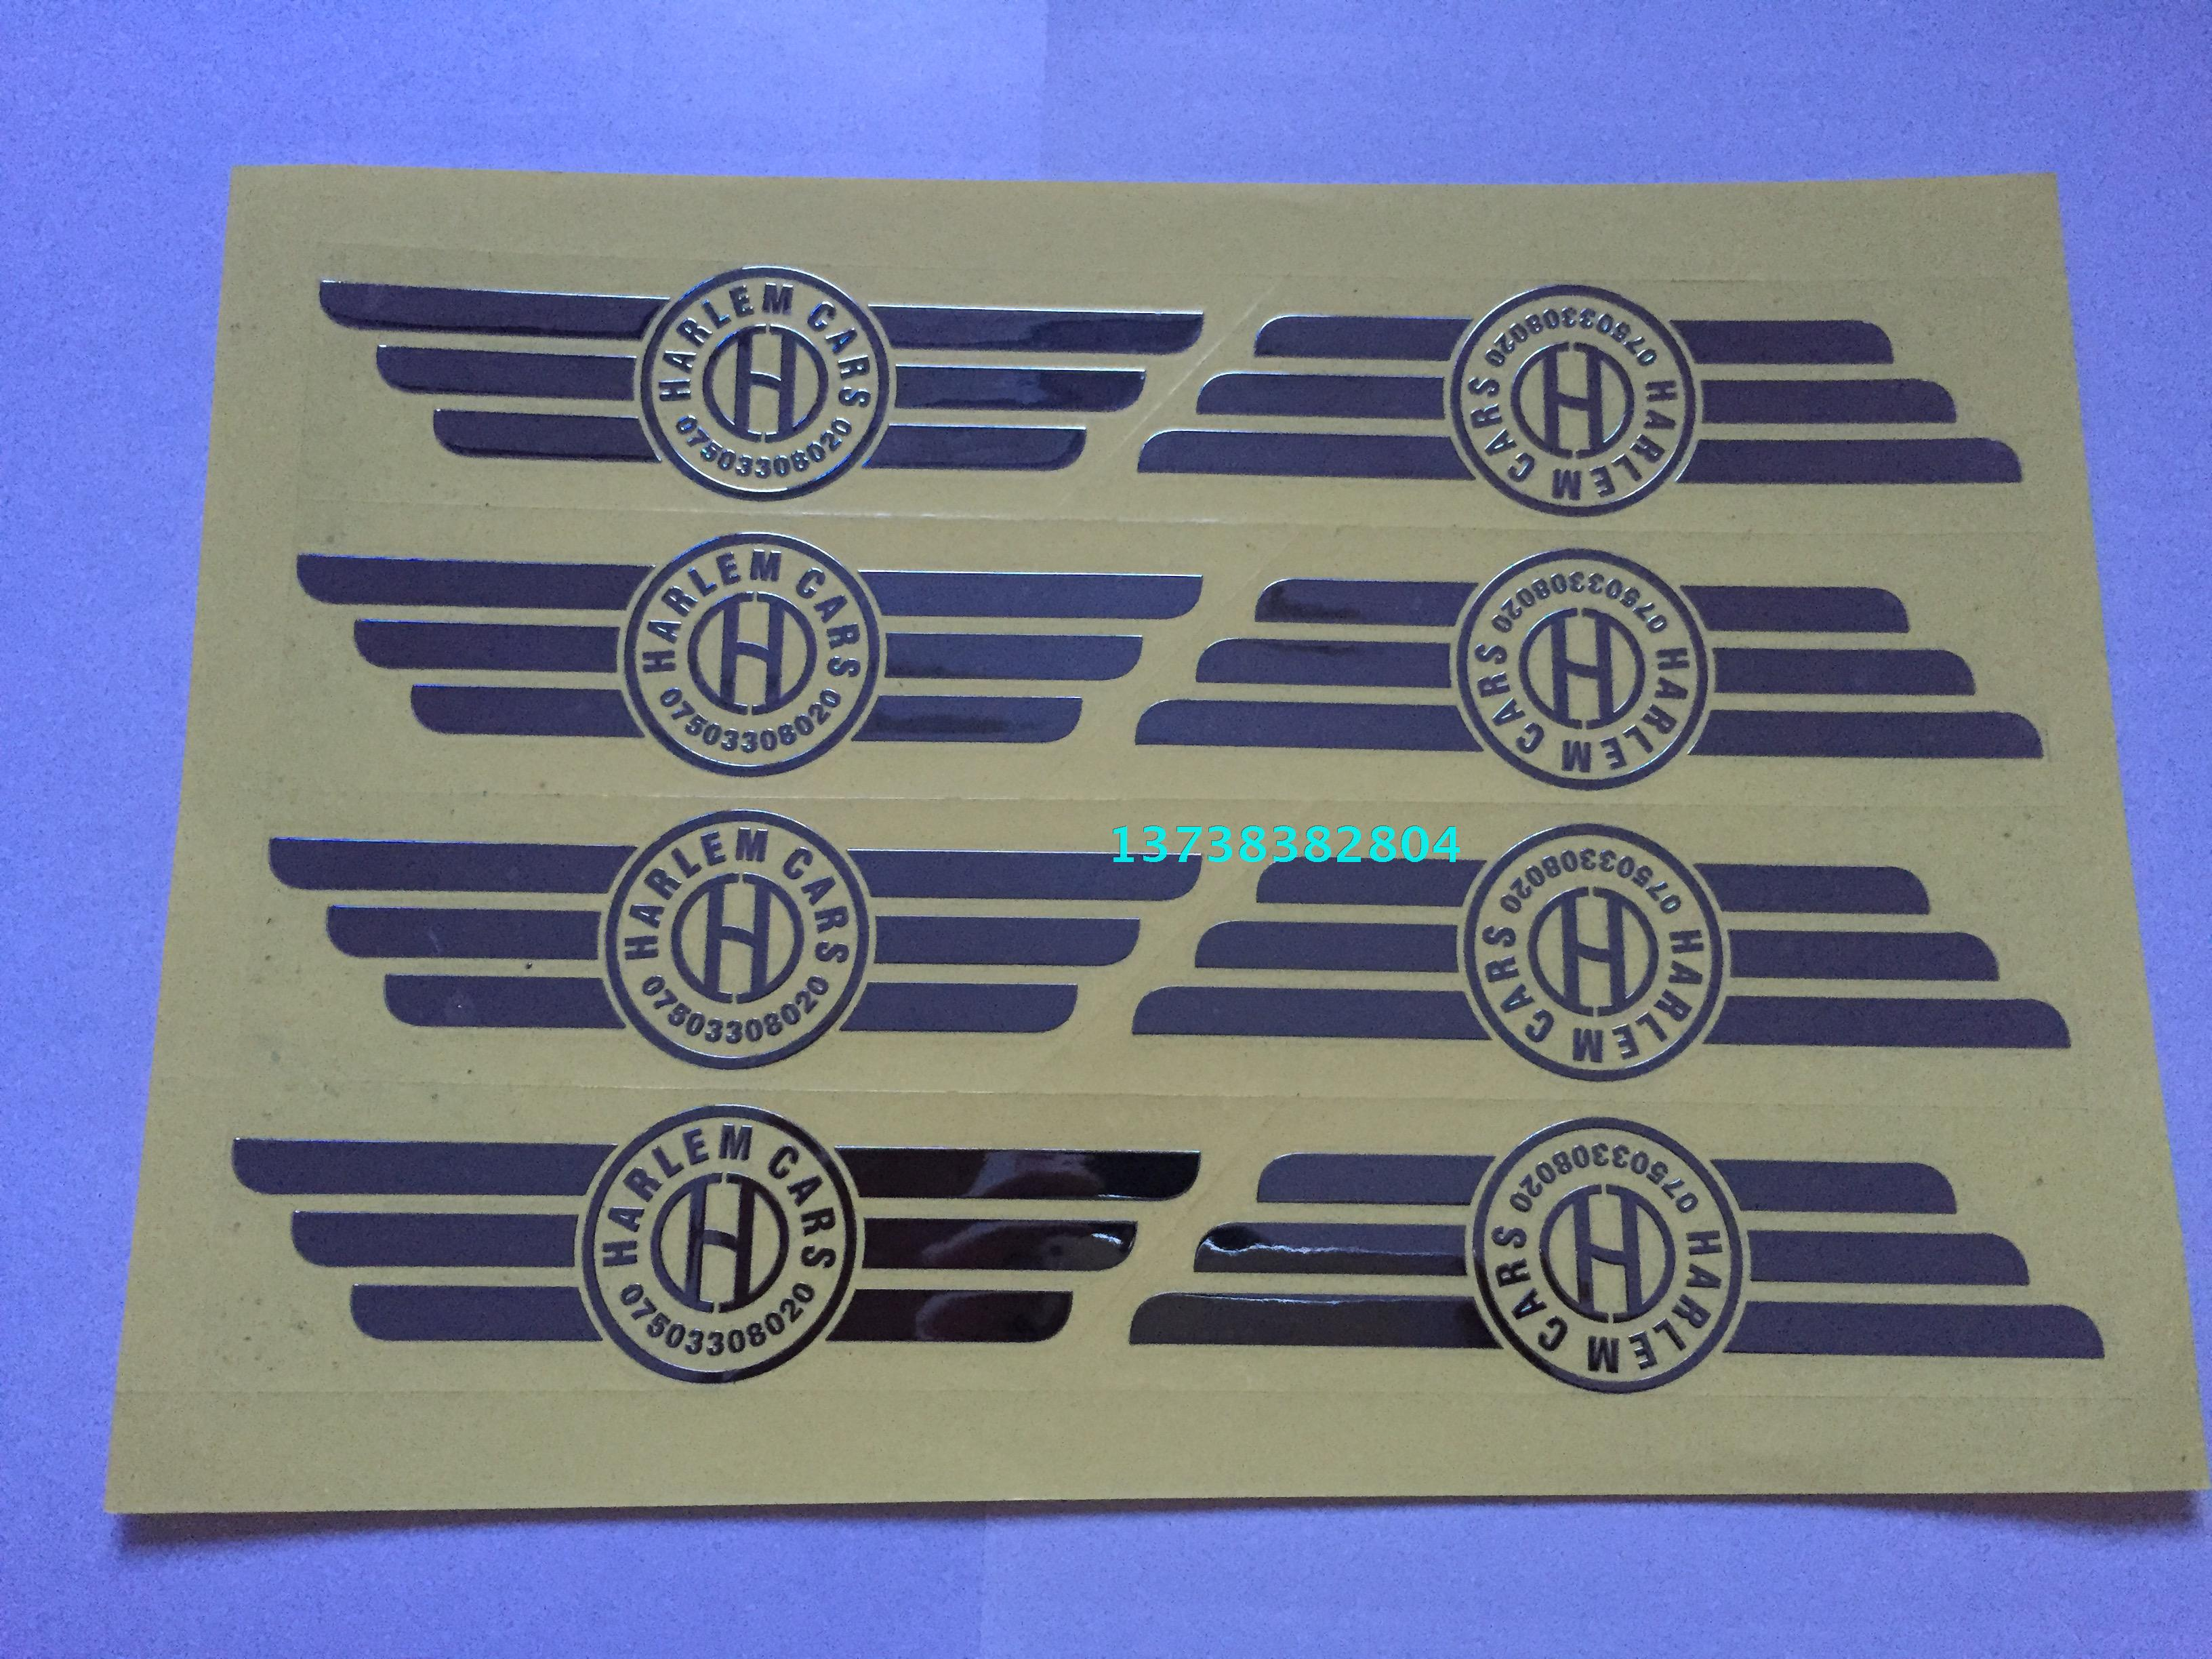 Ký tự kim loại, nhãn dán kim loại, nhãn kim loại, nhãn kim loại, nhãn dán, bảng hiệu, logo tùy chỉnh - Thiết bị đóng gói / Dấu hiệu & Thiết bị